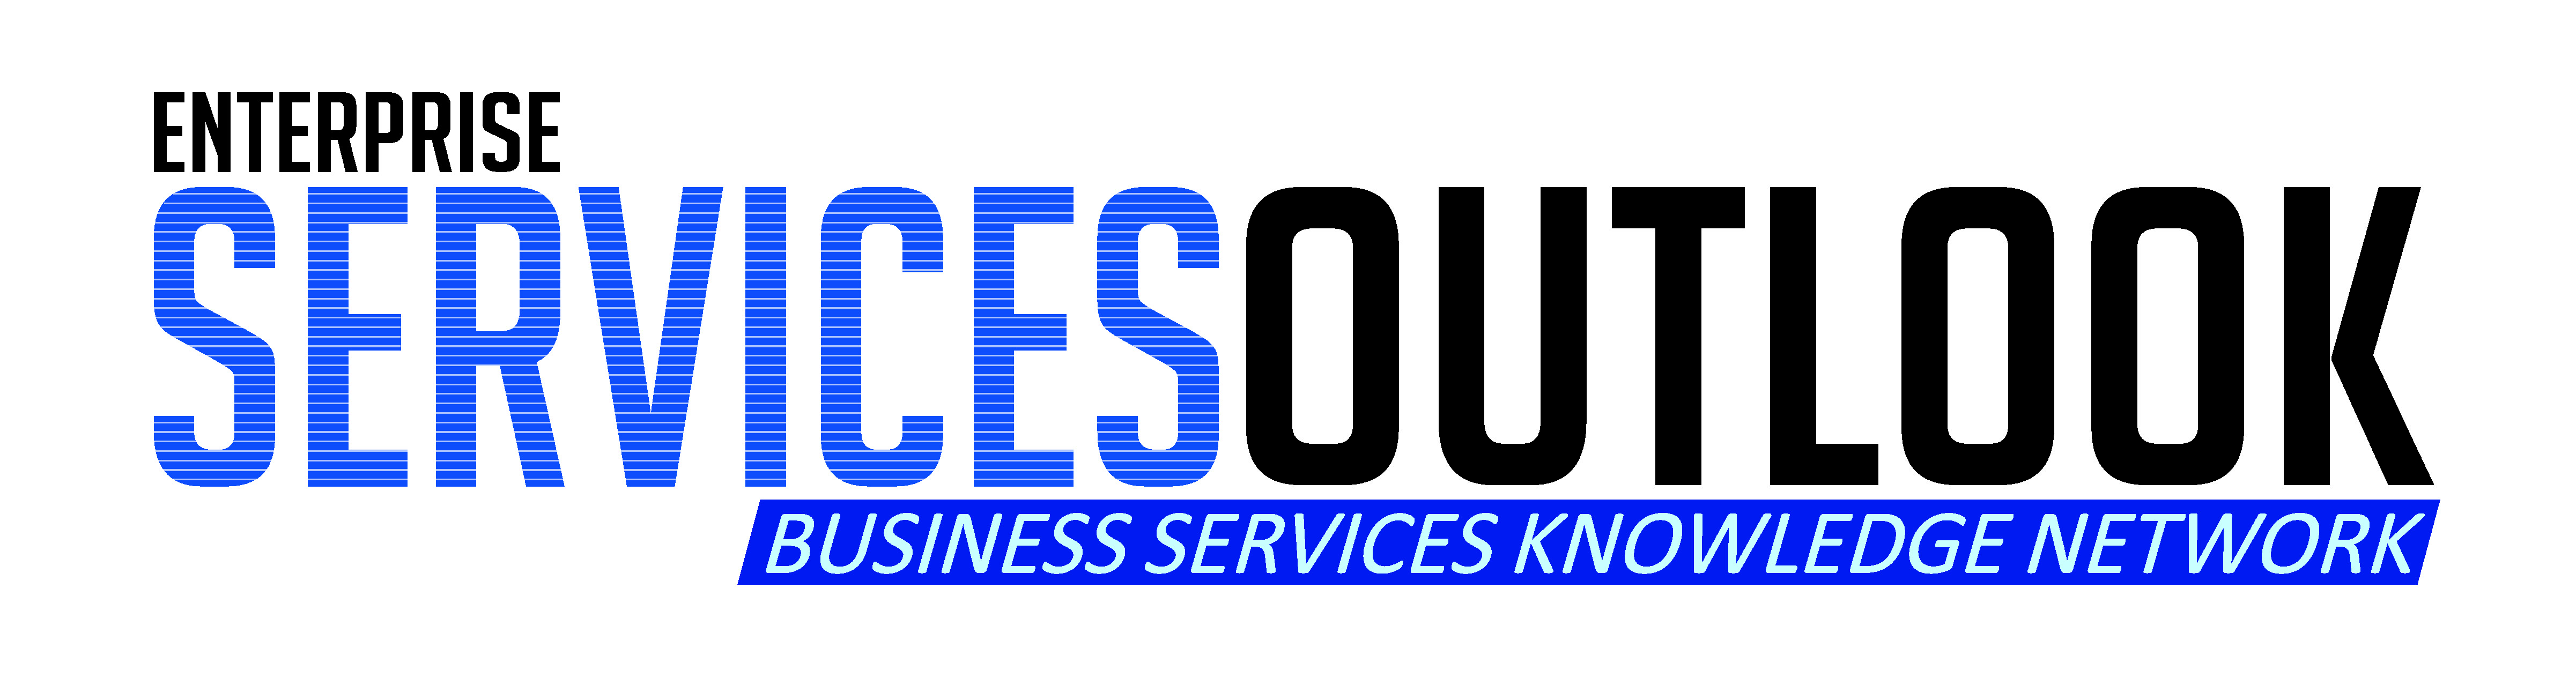 Enterprise Services Outlook